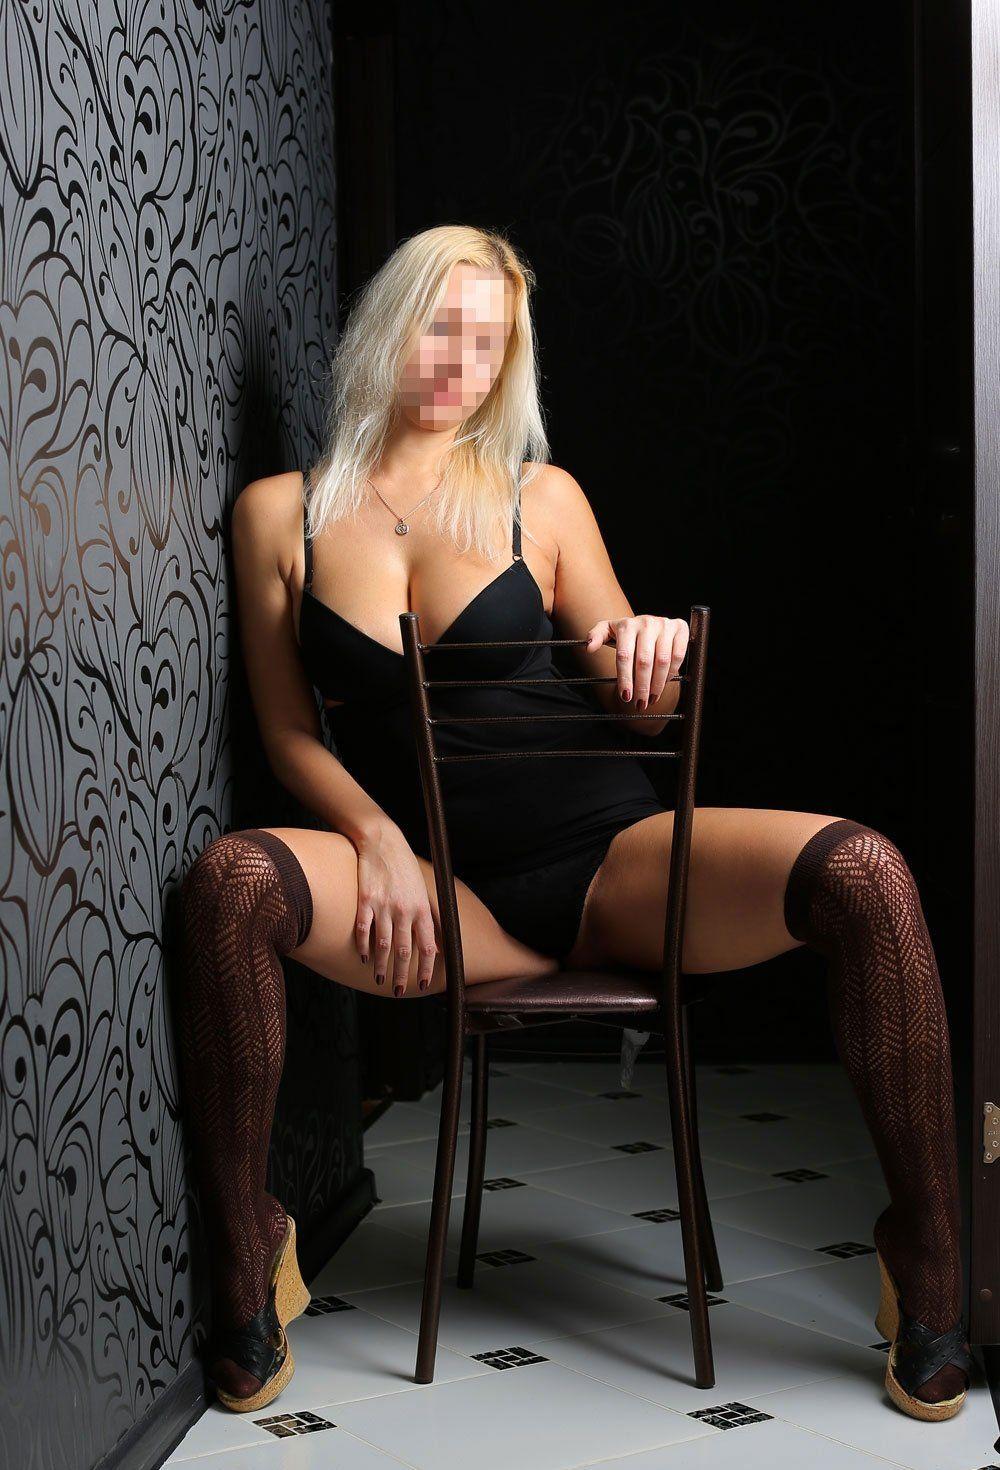 Я проститутка из города михайлов